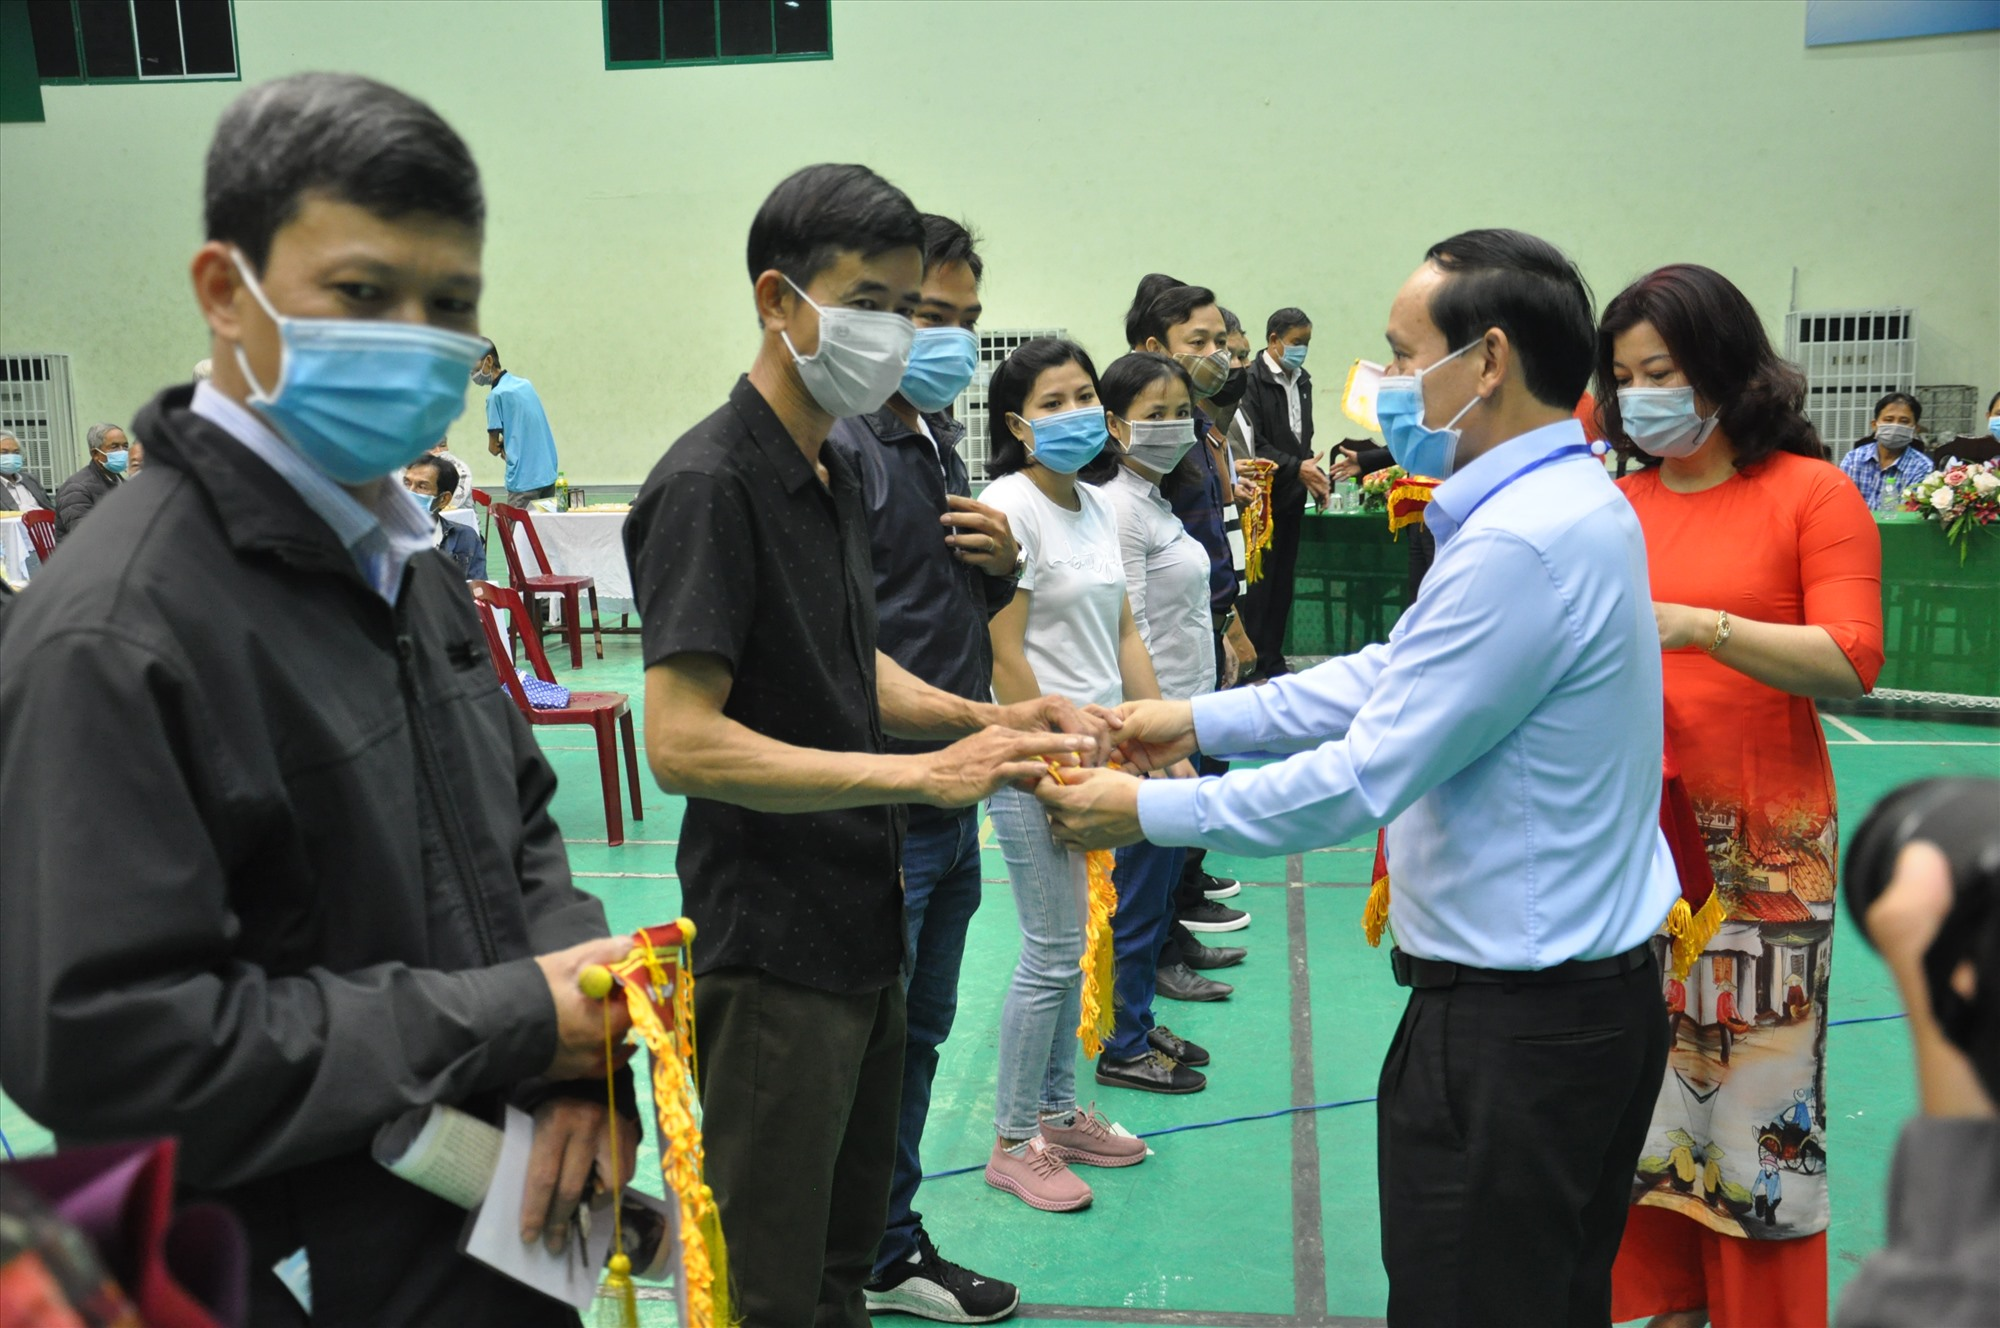 Ông Phạm Quốc Hùng-Chủ tịch HĐQT Công ty Tân Nghĩa Sơn, nhà tài trợ giải đấu tặng cờ lưu niệm và động viên các kỳ thủ.